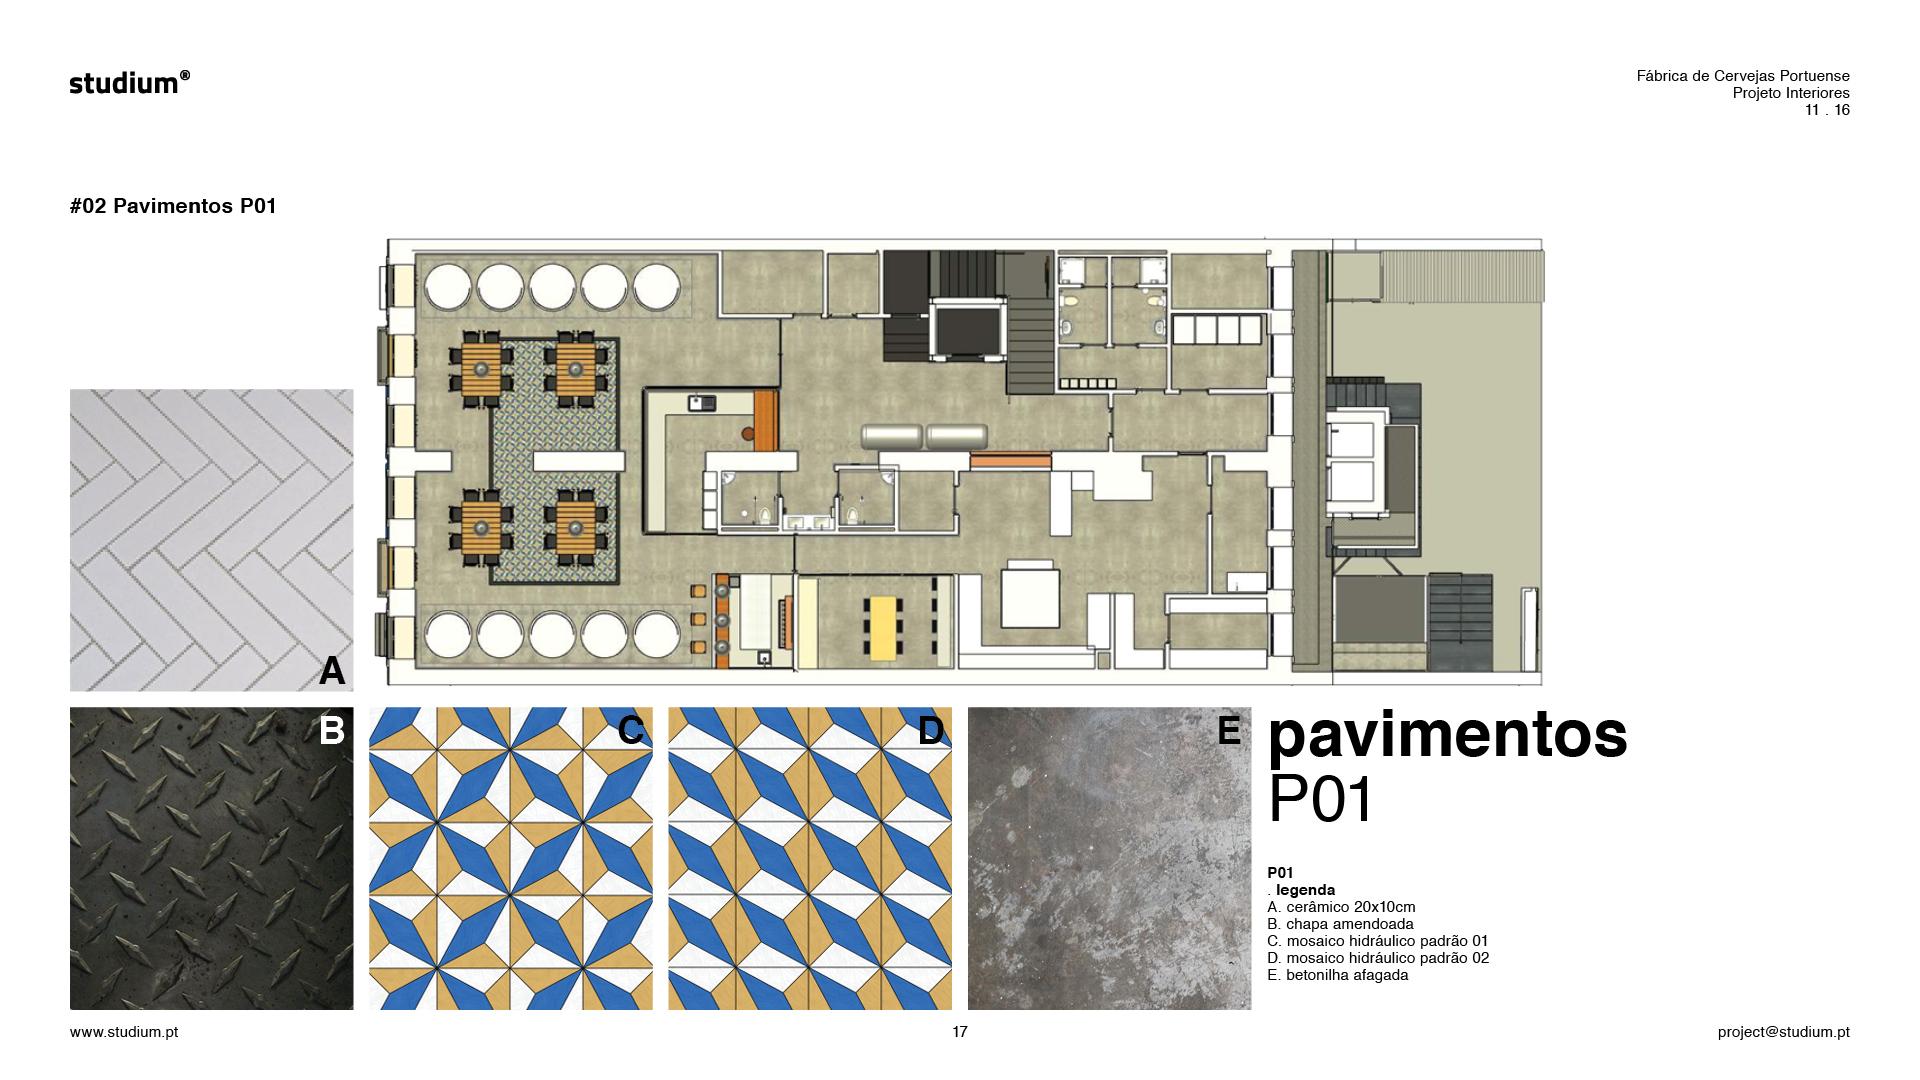 DSN20160033-FCPortuense-Sinaletica-Presentation-T17